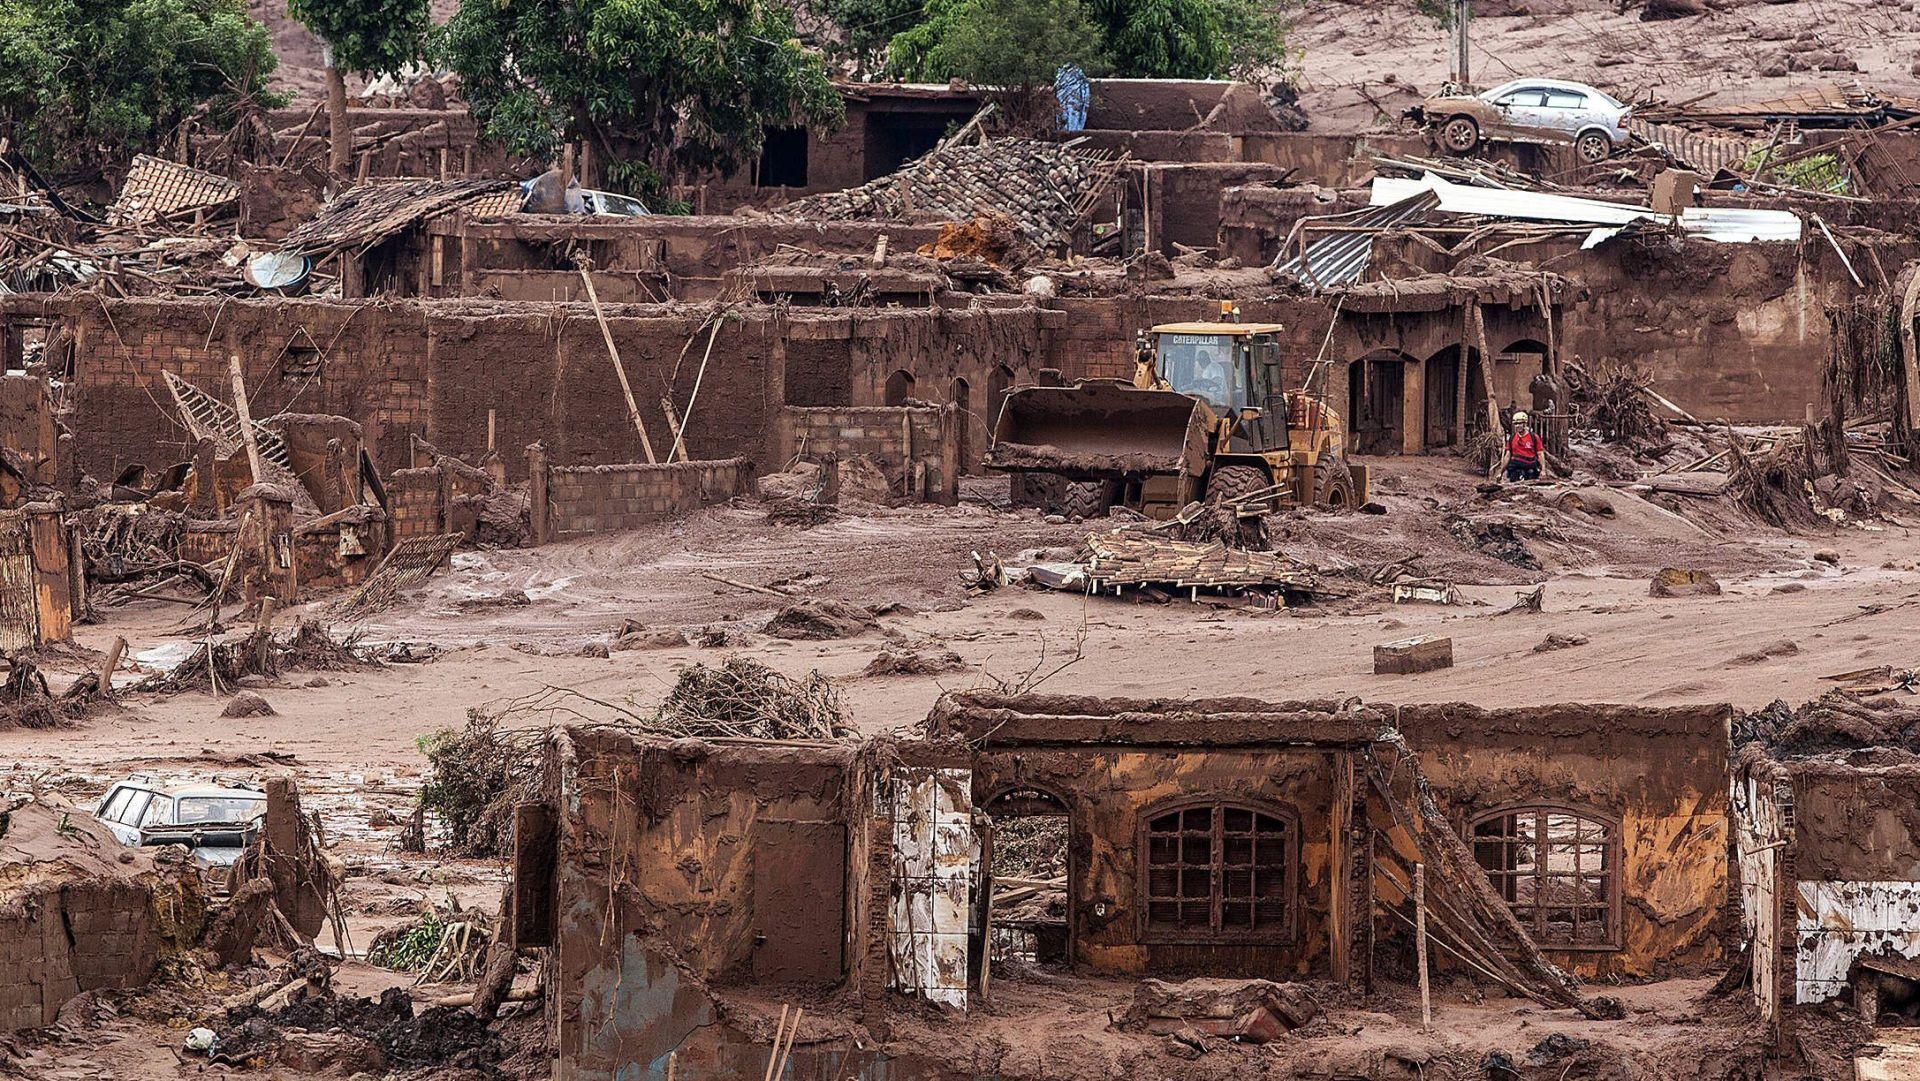 AKCIJA SPAŠAVANJA U BRAZILU: Urušavanjem brane u rudniku poginulo 17 osoba, još traje potraga za nestalima